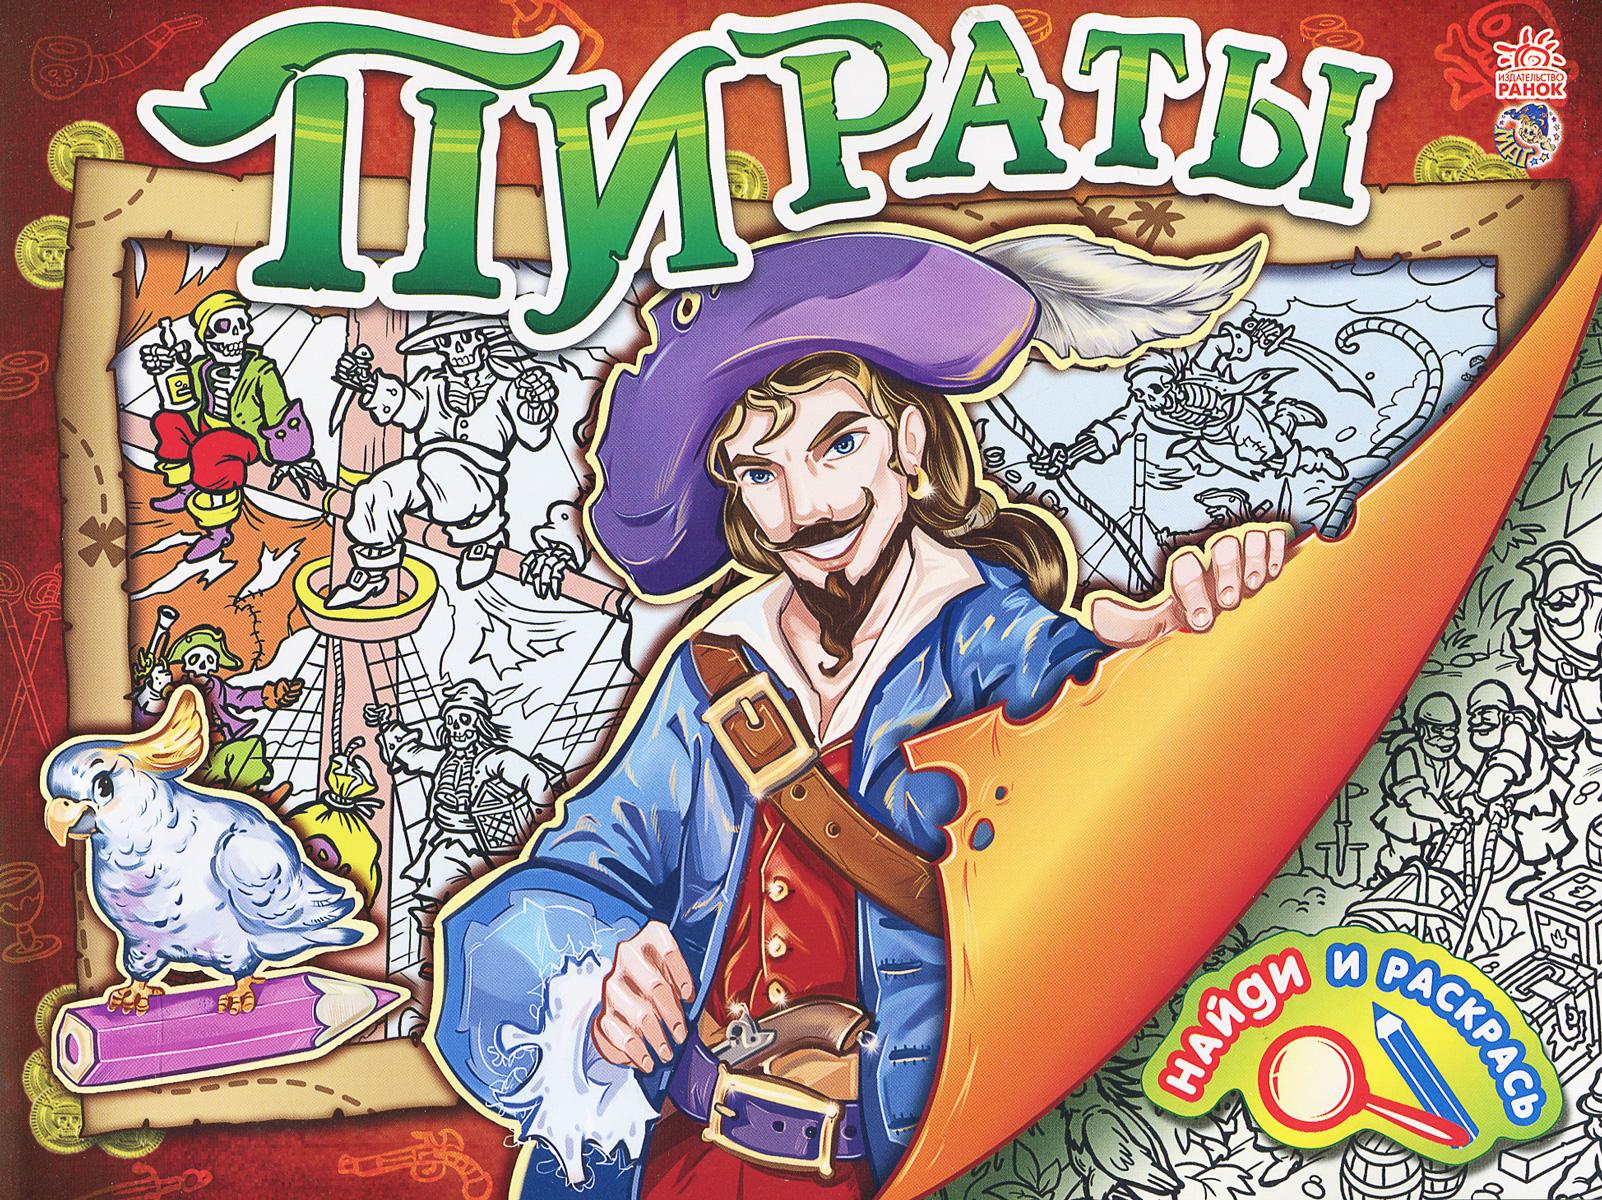 Пираты. Раскраска12296407Серия Найди и раскрась - это книжки с игрой-раскраской для юных сыщиков. Каждая страничка заполнена выразительными персонажами, необычными ситуациями и предметами. Отыскать на ней нужный предмет или персонажа увлекательная задача! Скорее бери фломастеры и карандаши, открывай книжку, находи персонажей и предметы и раскрашивай картинки!